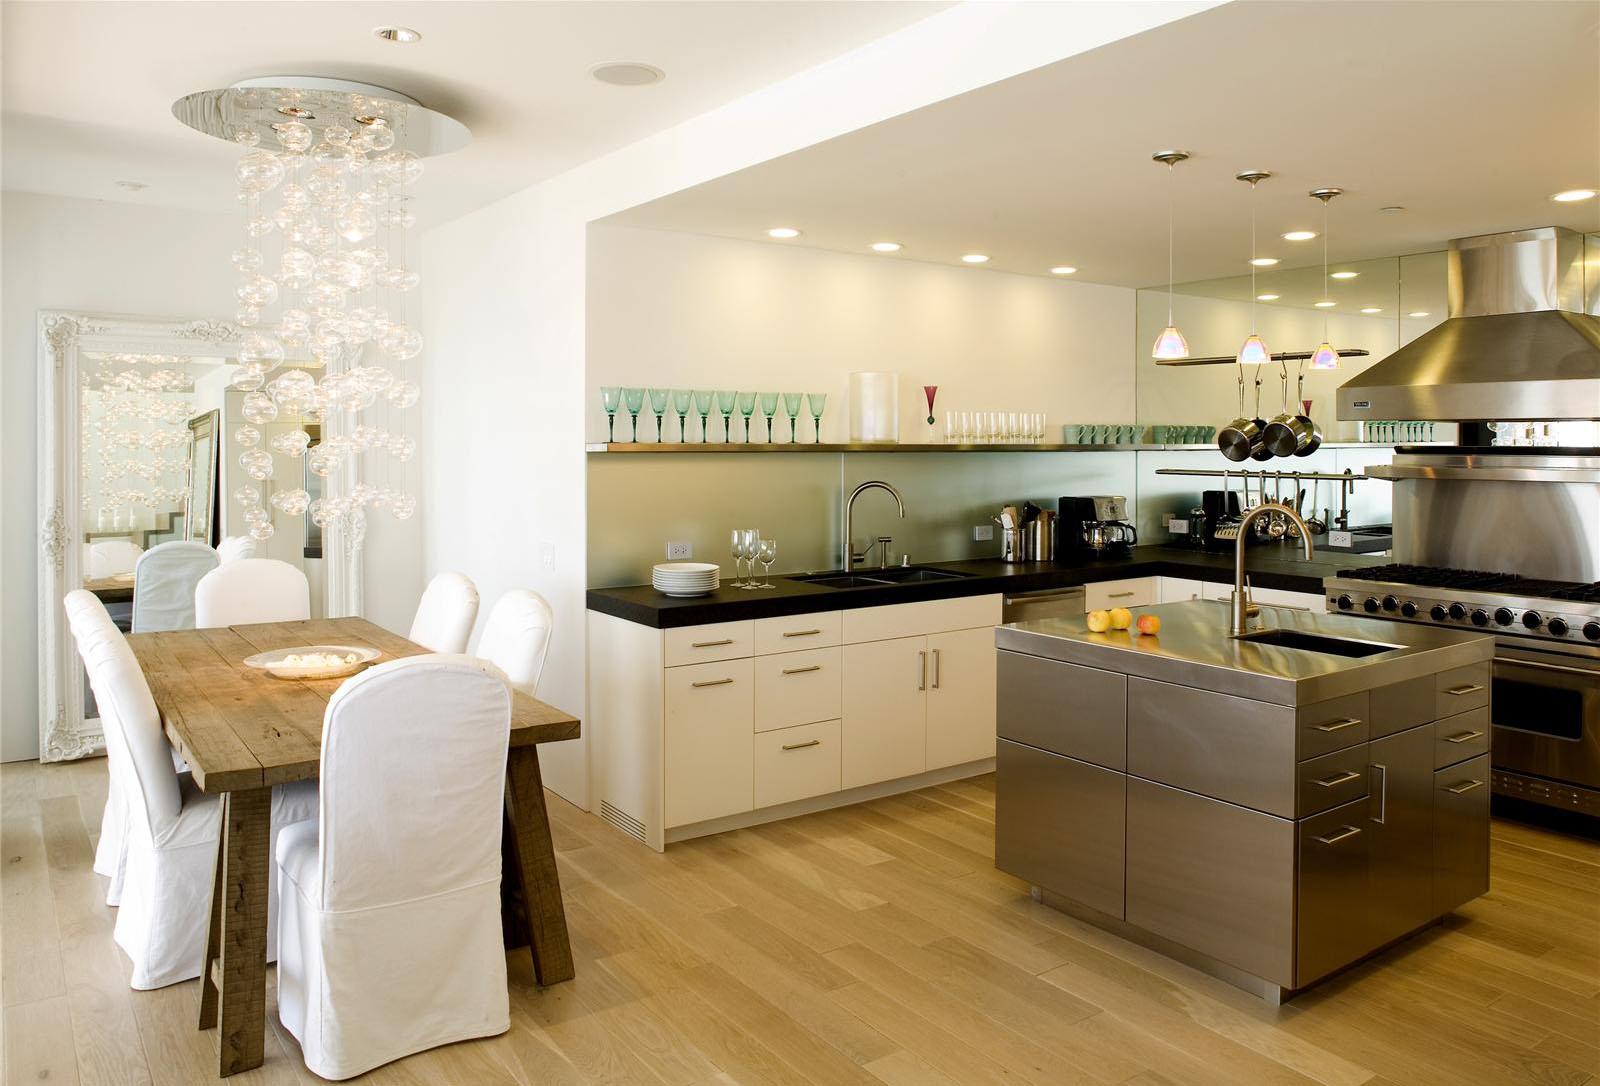 open contemporary kitchen design ideas kitchen designs Via Homeportfolio